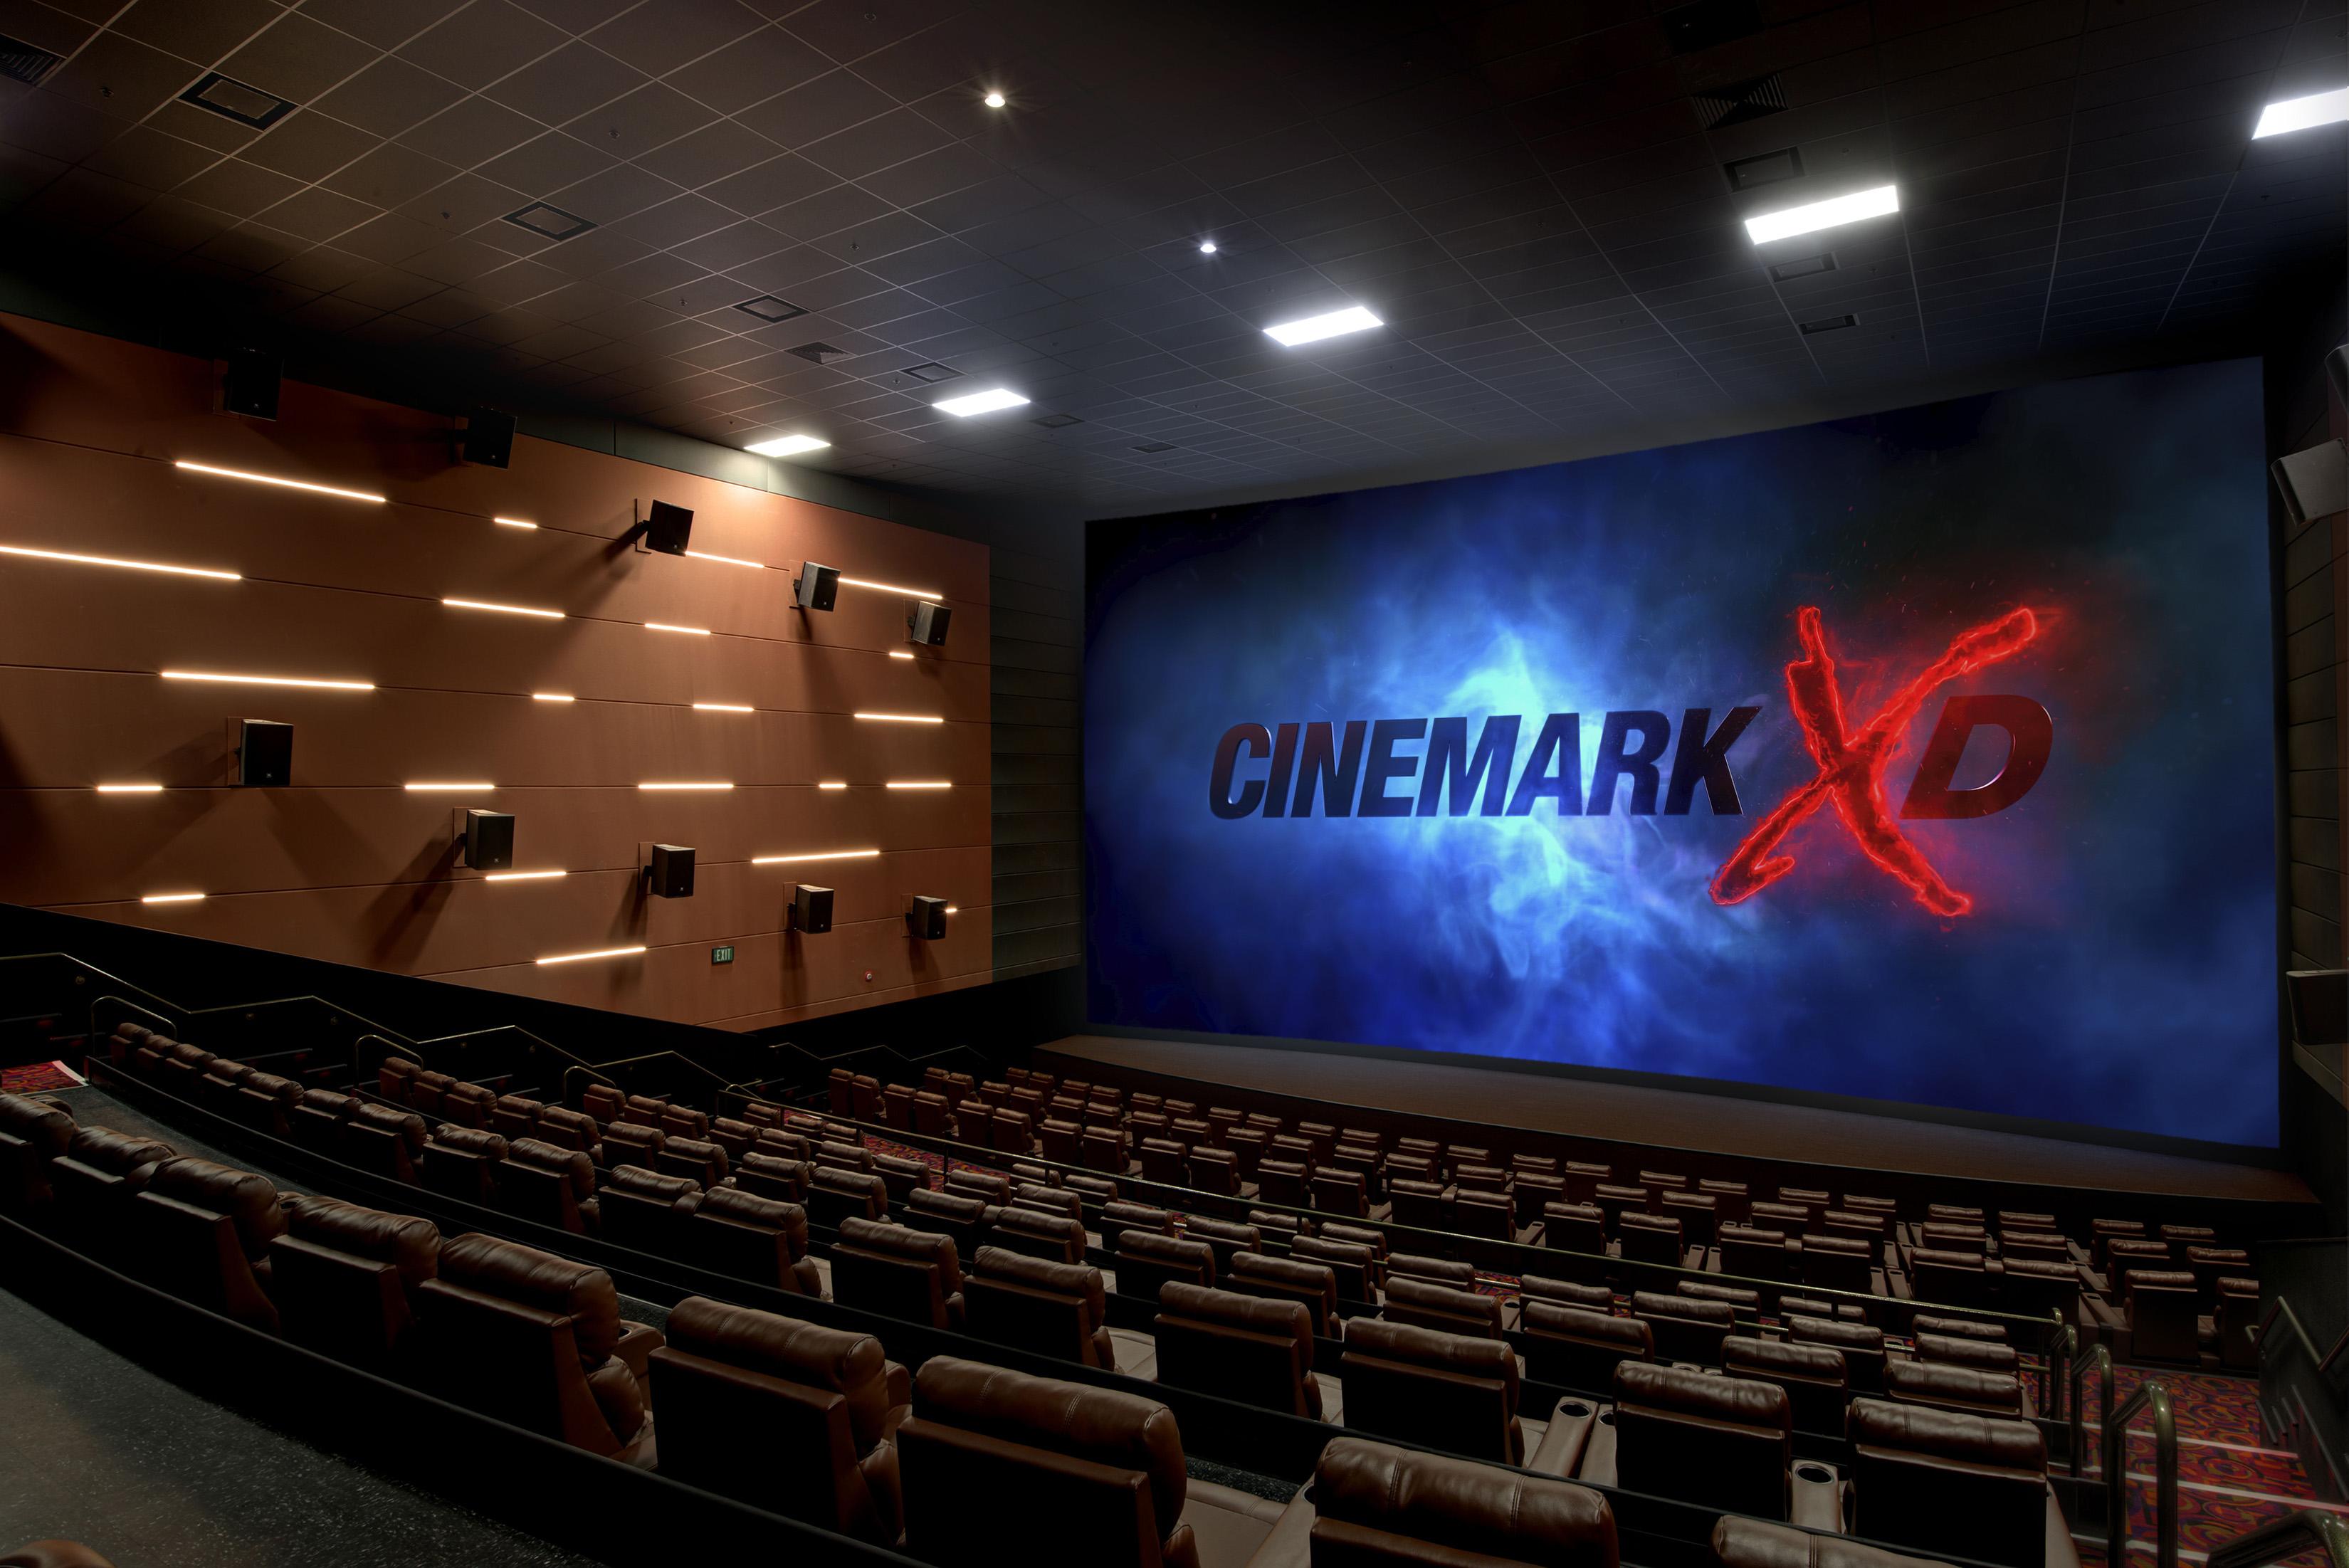 Universal Cinemark has plush seating and a new Cinemark XD Auditorium. Photo: Universal Orlando Resort.